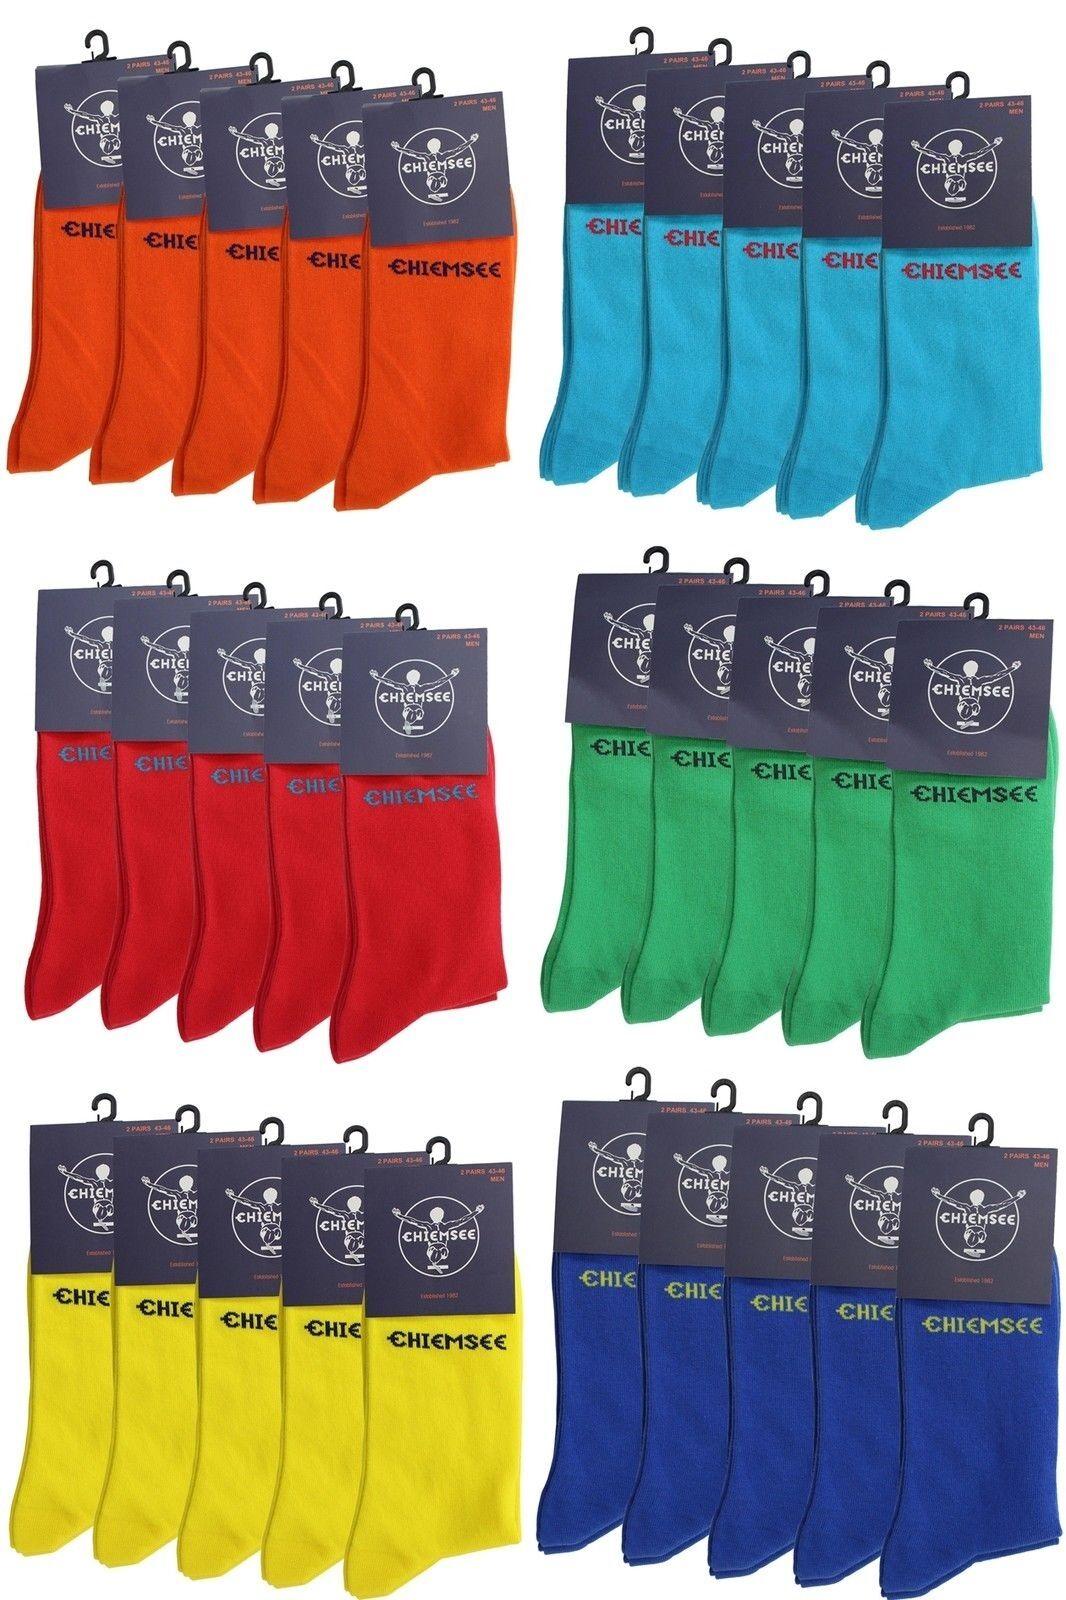 Socken Strümpfe 12 Paar Damen Herren Business viele Farben Chiemsee Größe 39-42